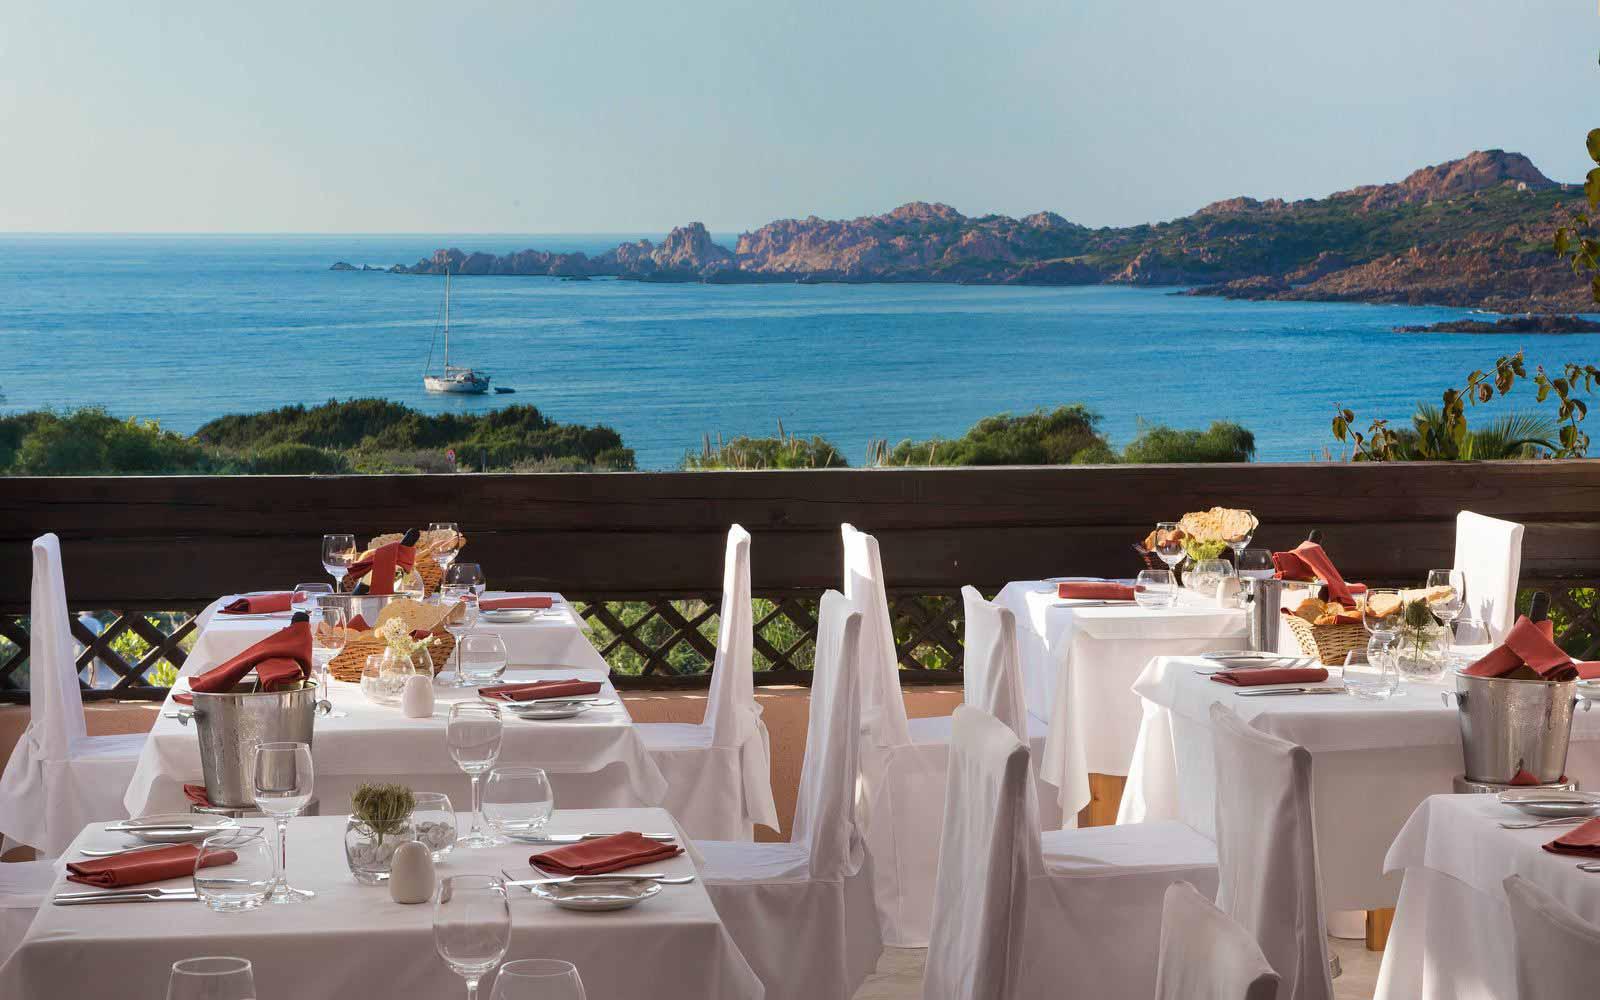 Canneddi Restaurant at Hotel Marinedda Thalasso & Spa